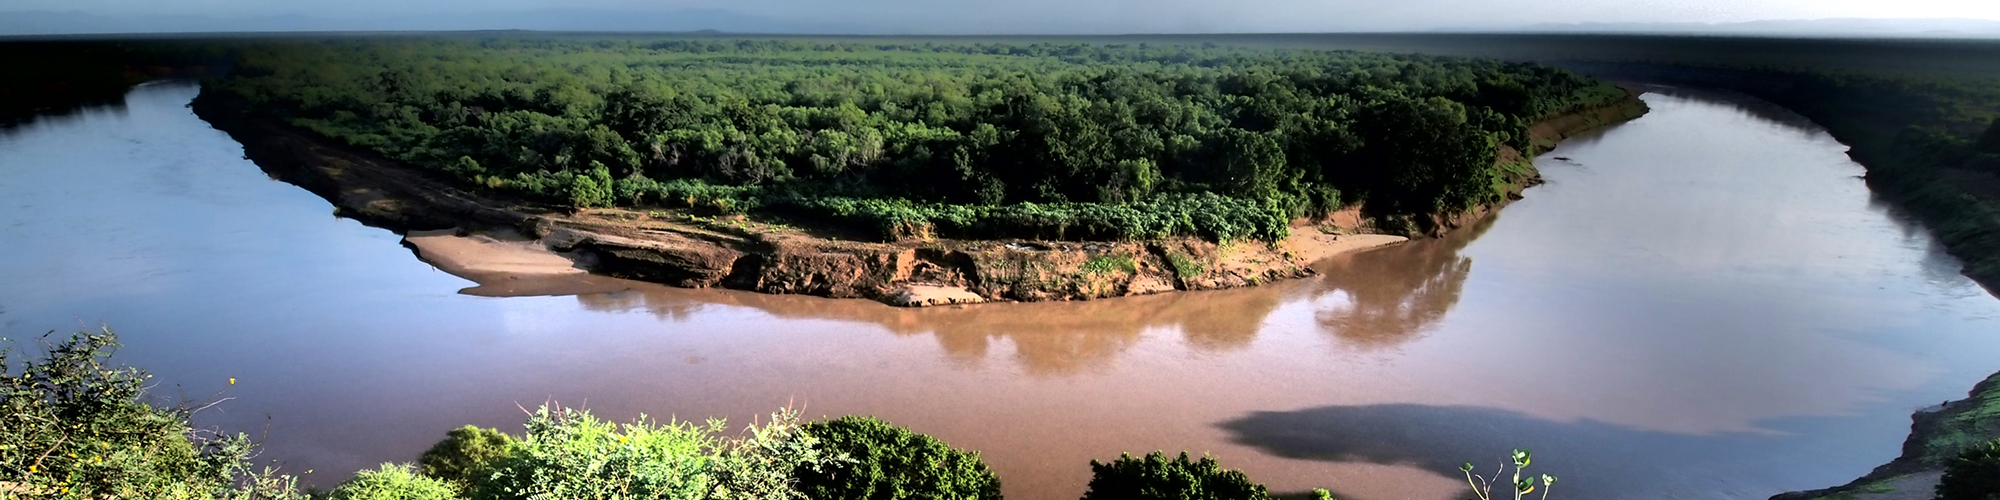 El sur de Etiopía y la depresión del Danakil